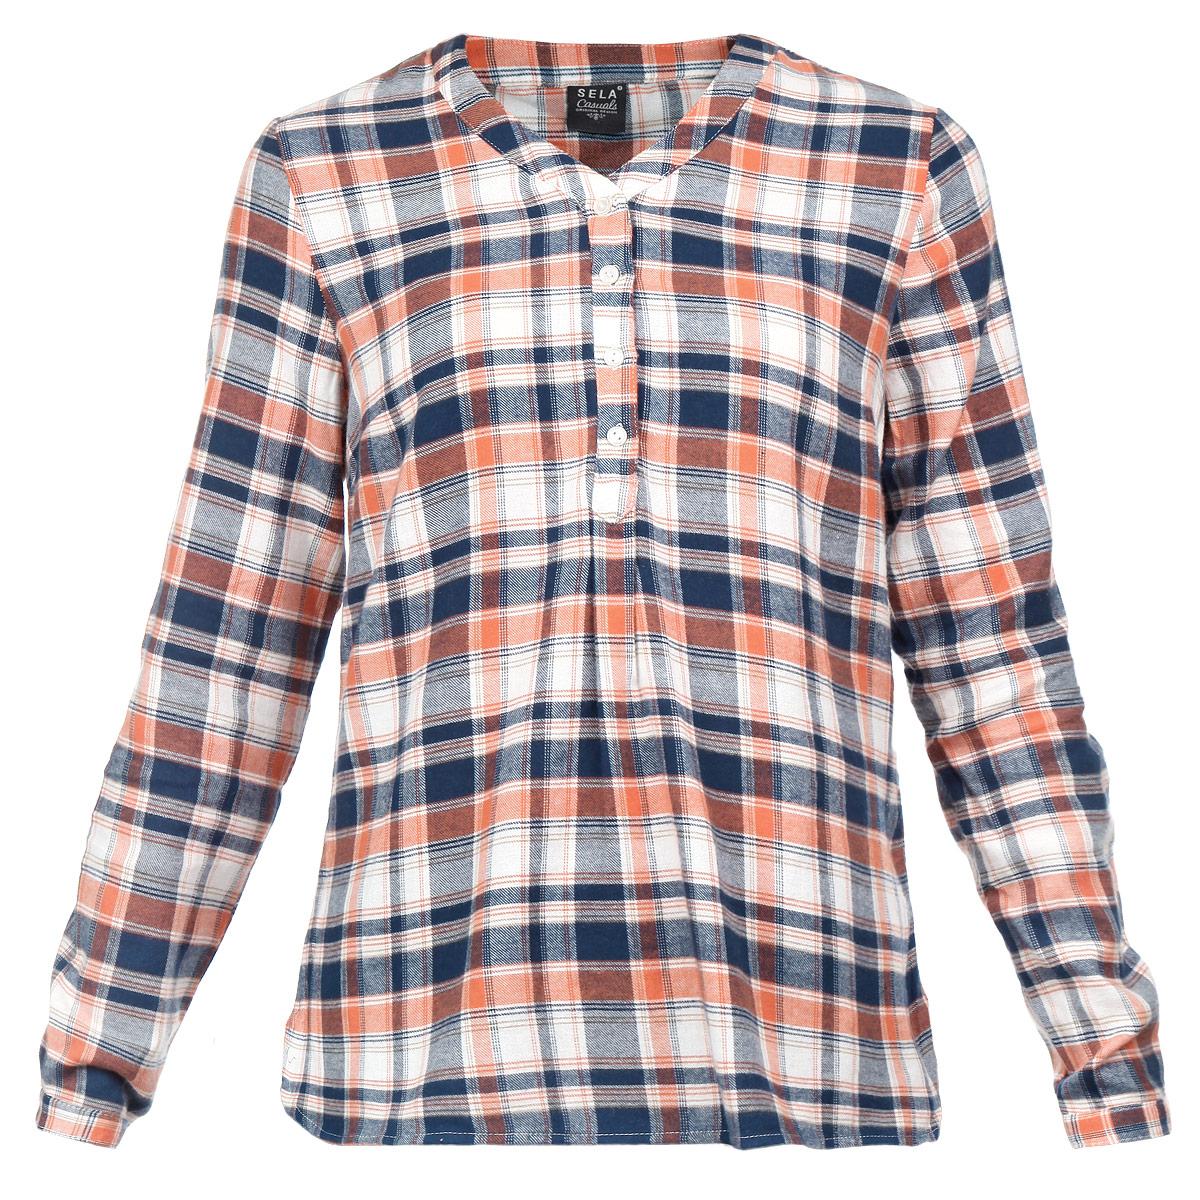 Рубашка женская. TKw-112/579-5323TKw-112/579-5323Симпатичная женская рубашка Sela, выполненная из мягчайшего хлопка, обладает высокой теплопроводностью, воздухопроницаемостью и гигроскопичностью, позволяет коже дышать. Модель свободного кроя с длинными рукавами, V-образным вырезом горловины и удлиненной спинкой - идеальный вариант для создания образа в стиле Casual. Рубашка застегивается на пуговицы до середины длины изделия. Такая модель будет дарить вам комфорт в течение всего дня и послужит замечательным дополнением к вашему гардеробу.